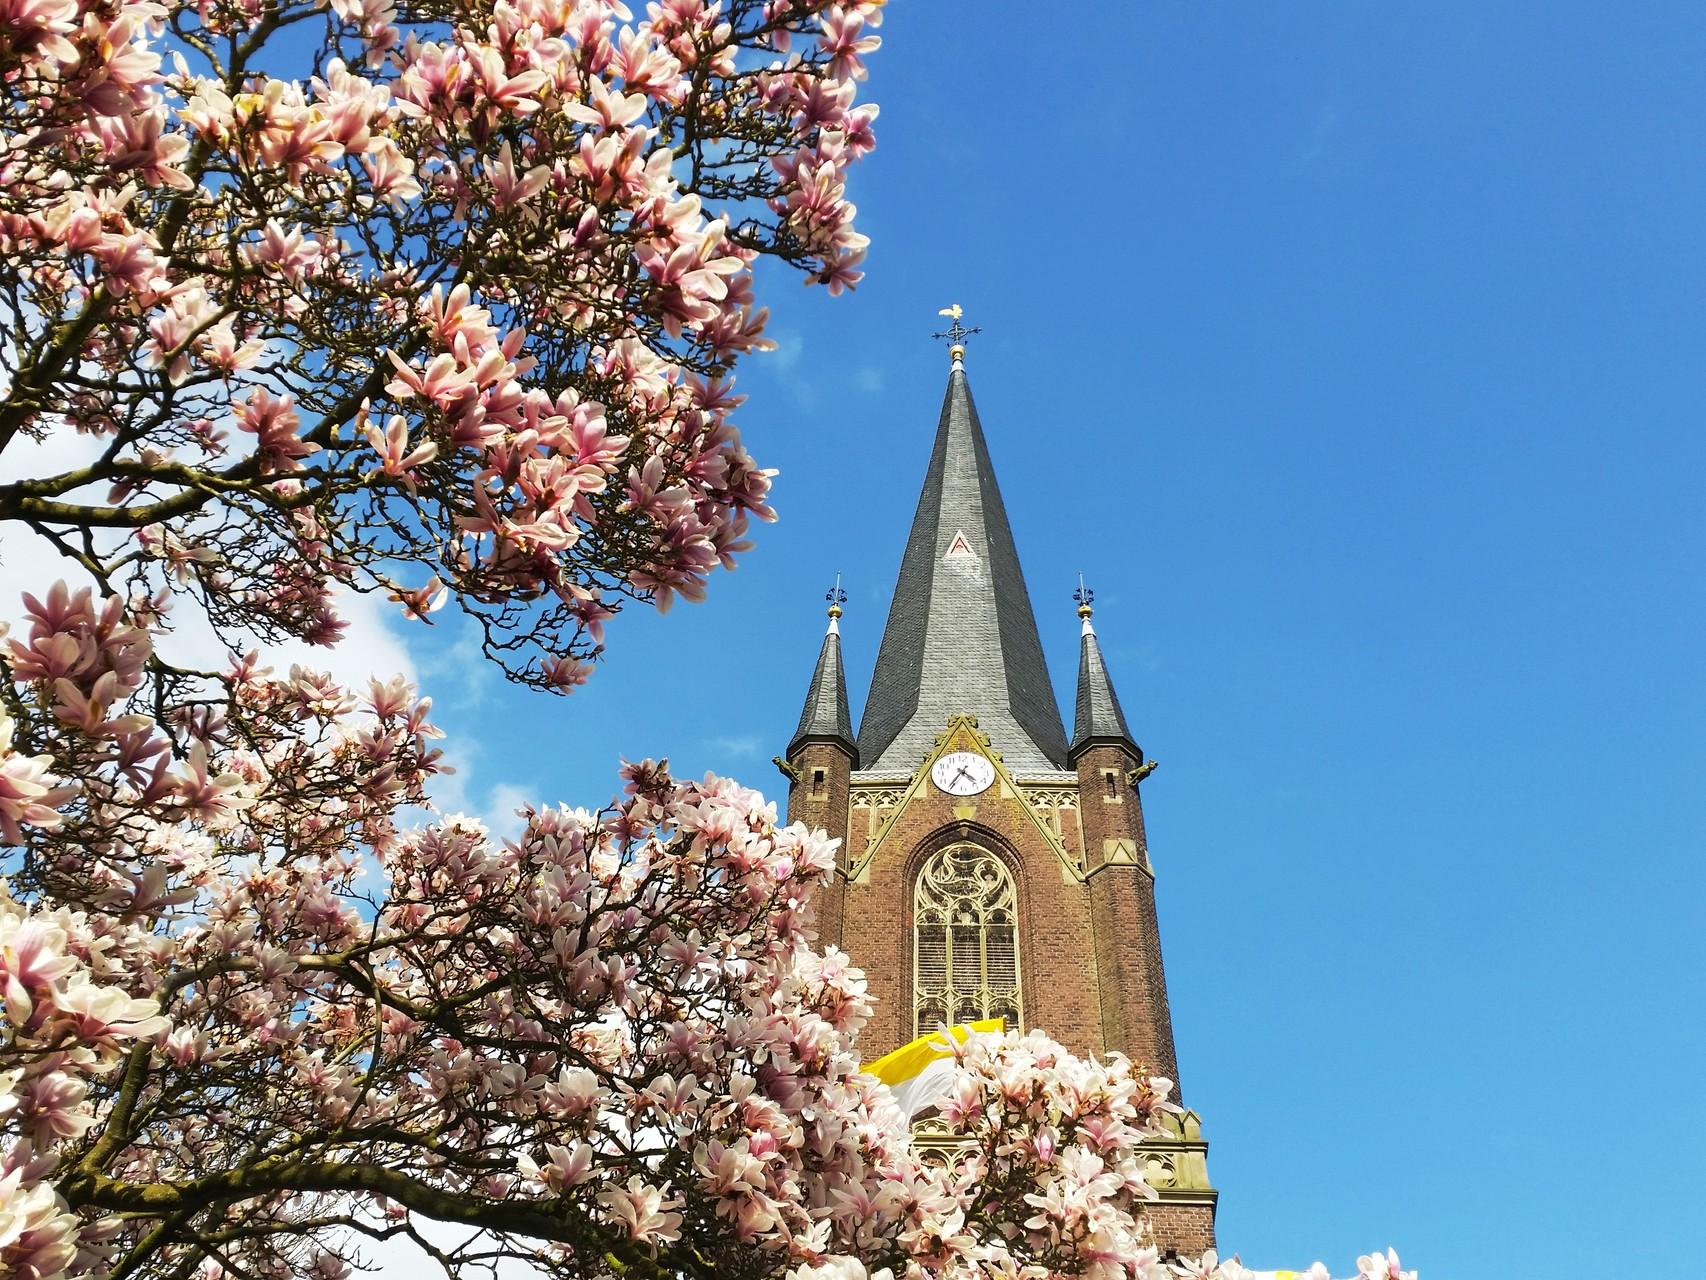 Kirchturm Katholische Pfarrkirche St. Peter & Paul